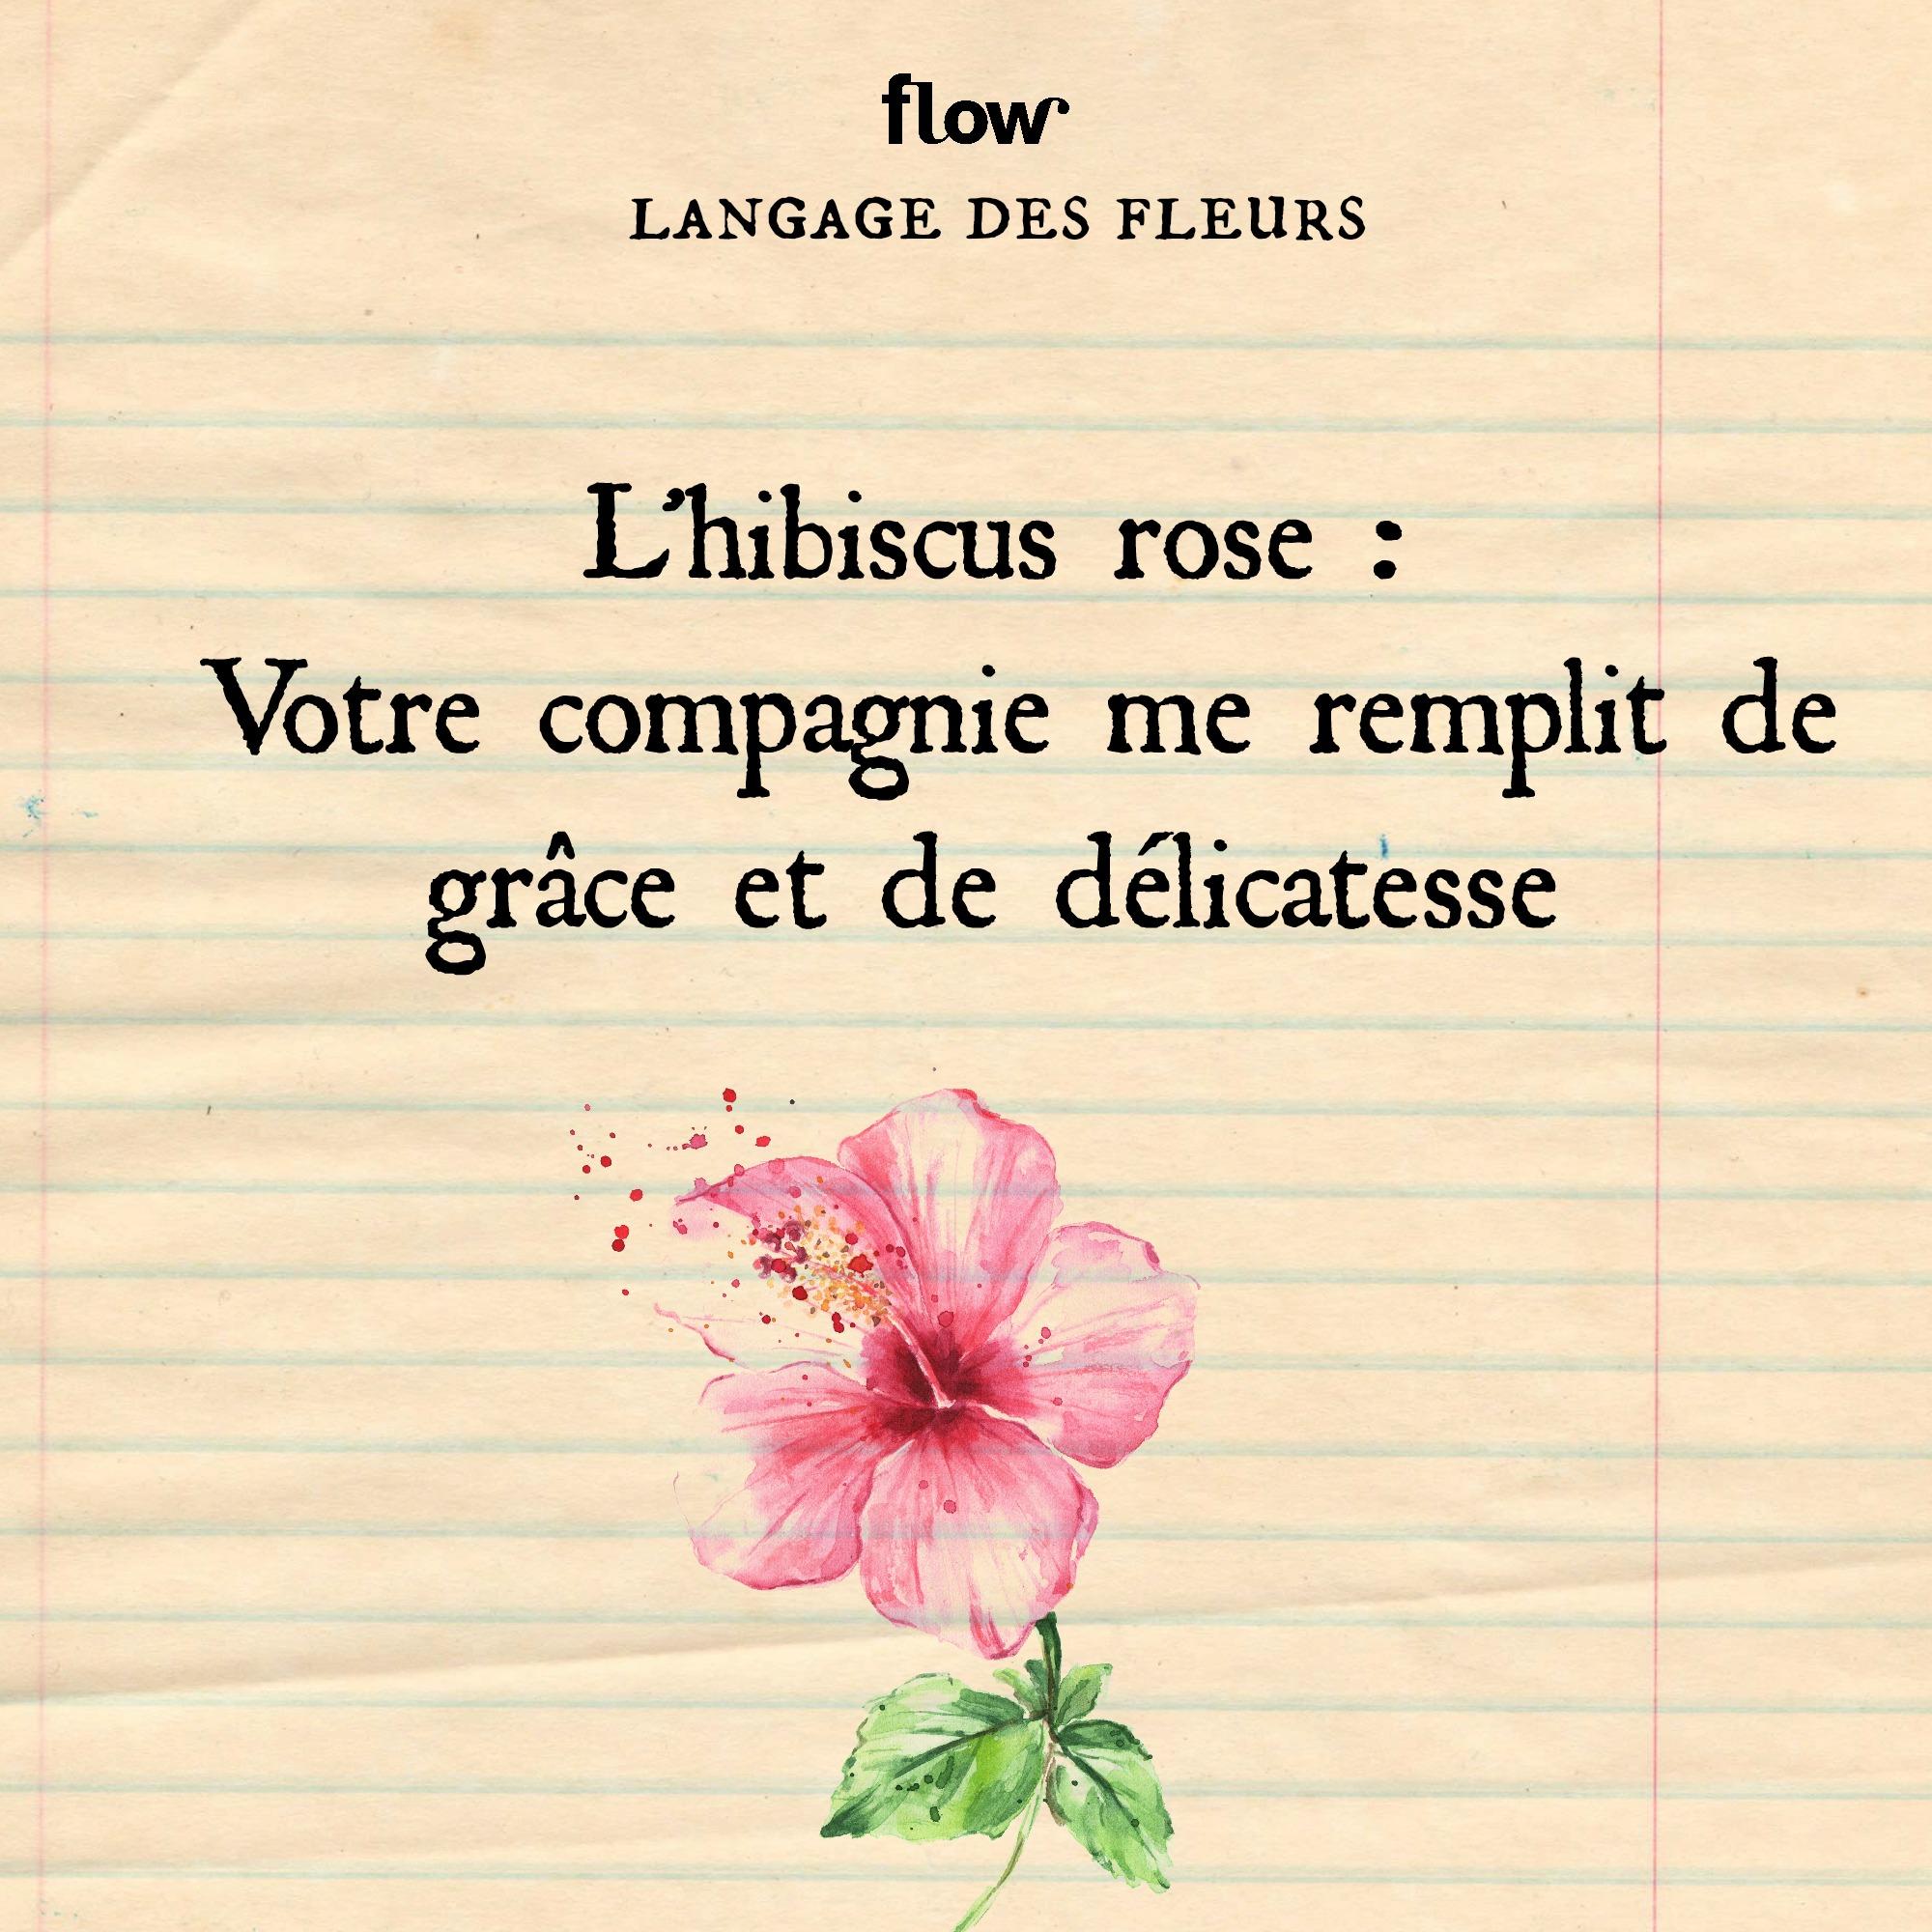 flow fleurs hibiscus